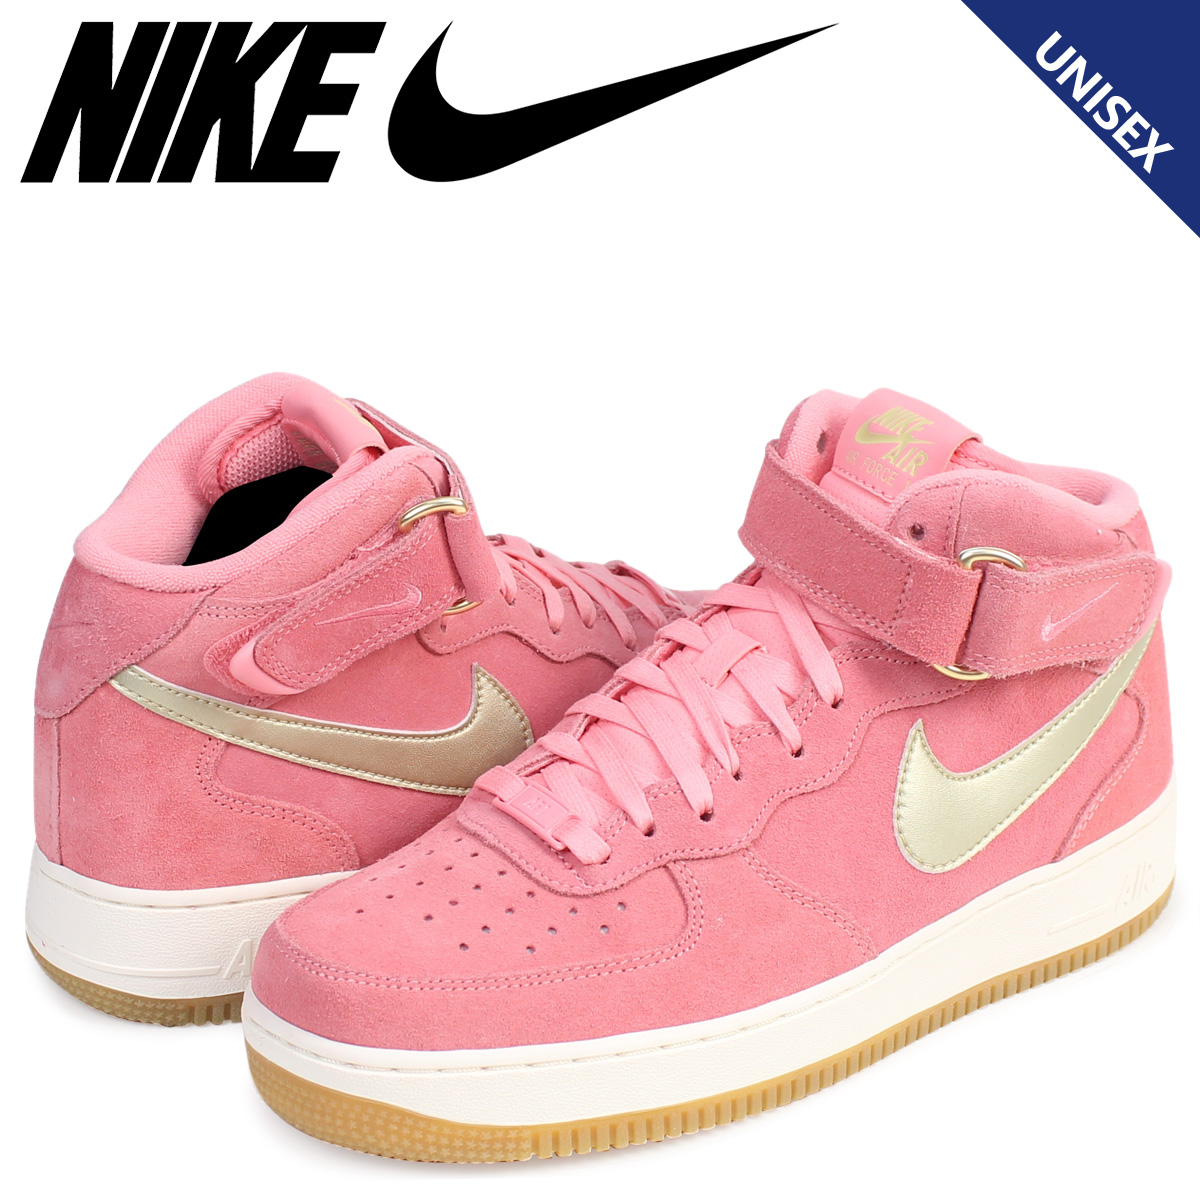 734d88684245 Sugar Online Shop  Nike NIKE air force 1 sneakers WMNS AIR FORCE 1 MID 07  SEASONAL 818